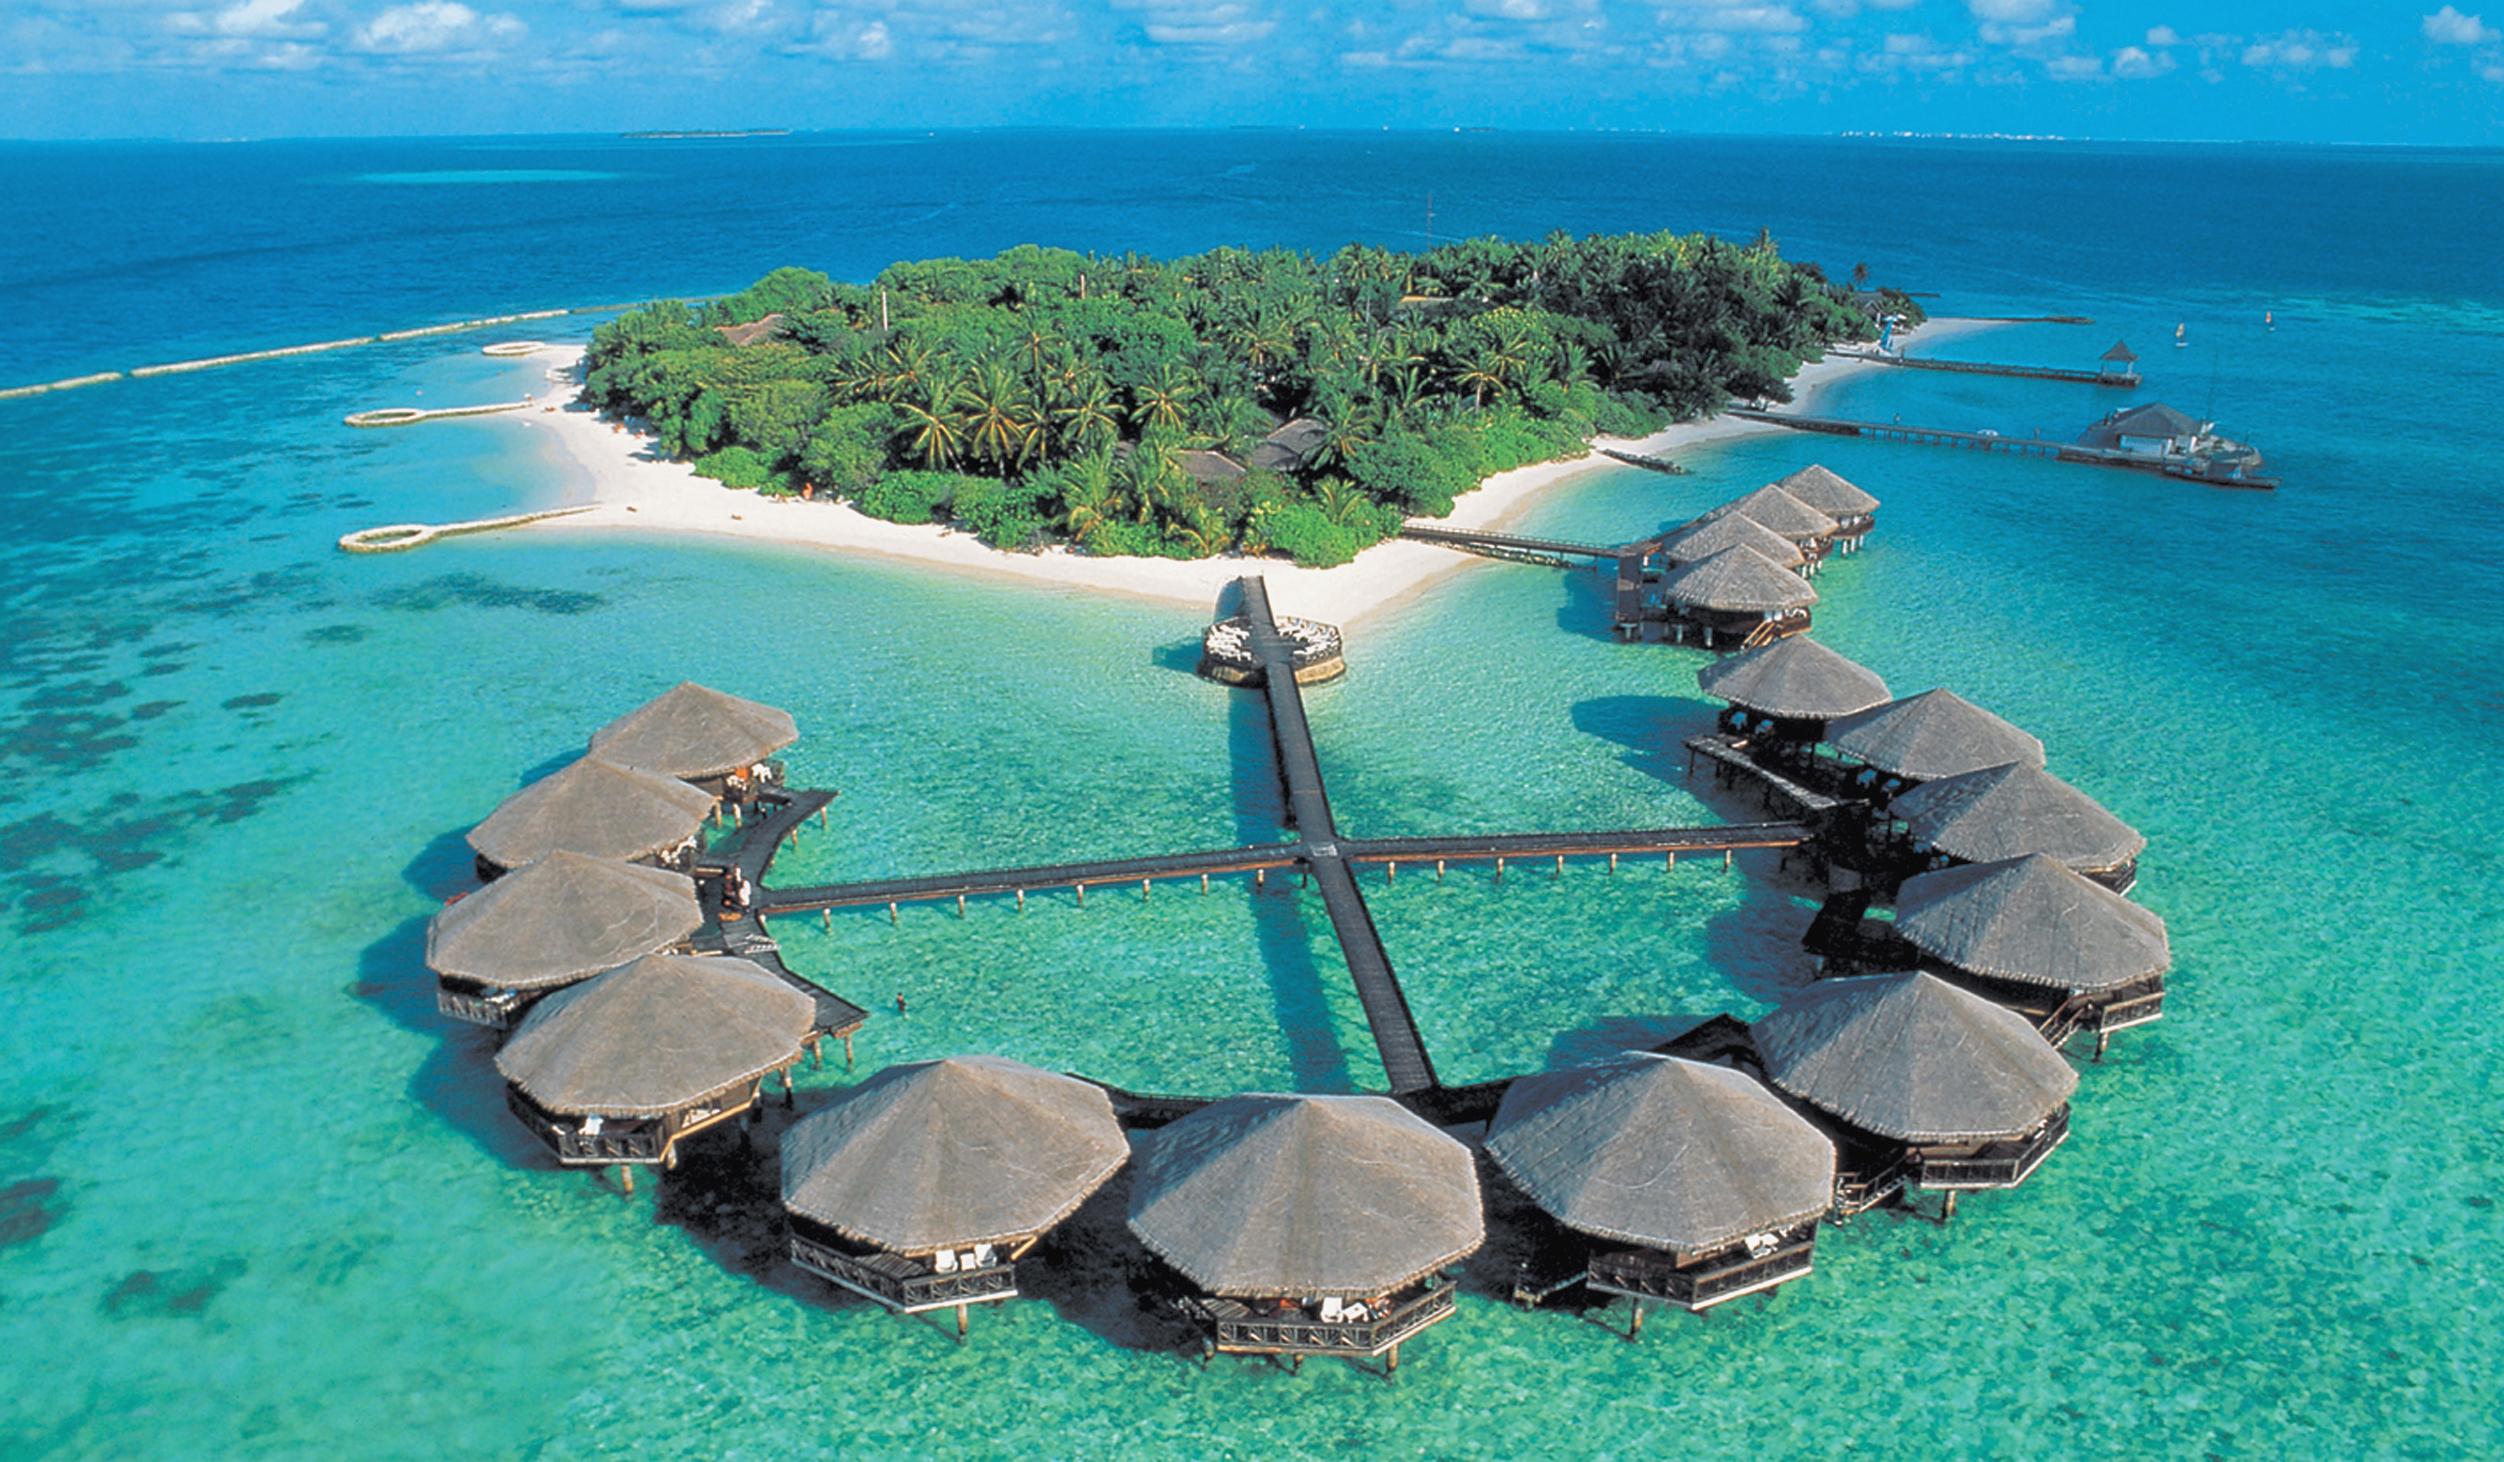 Thăm Maldives - quốc đảo xinh đẹp sẽ bị chìm của trái đất